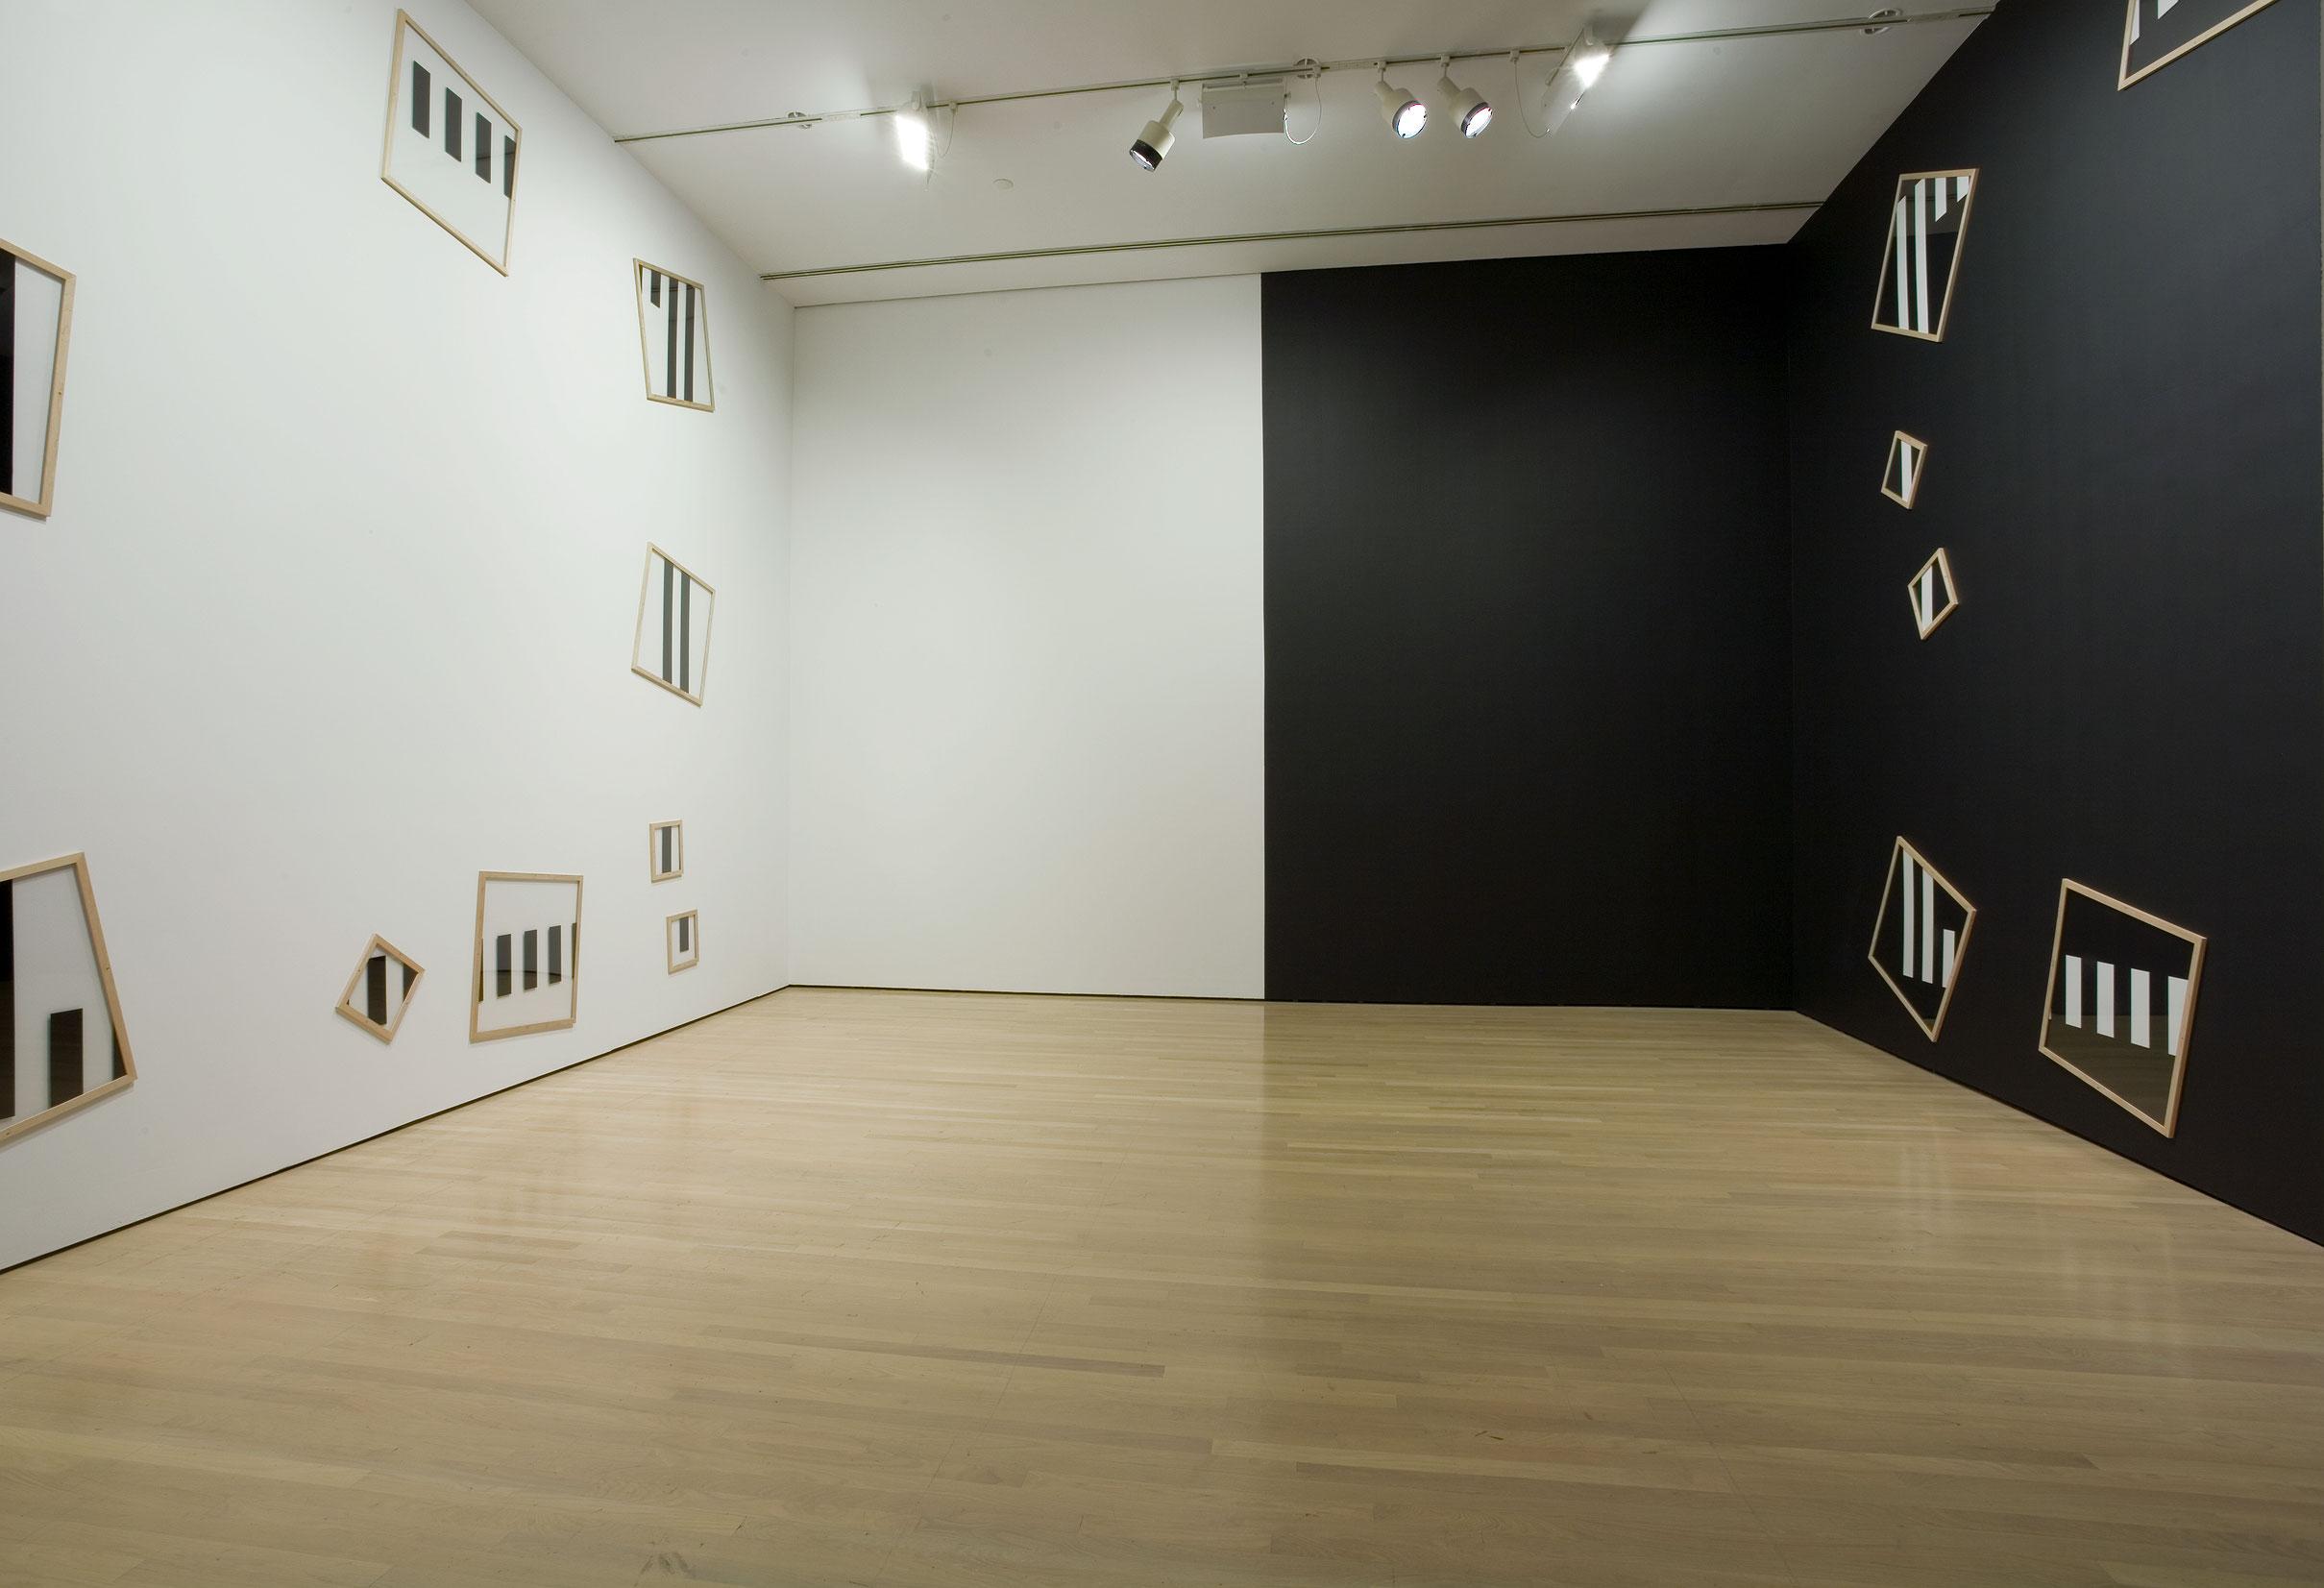 Sous-verres, sun-verres, 1990, Daniel Buren, Plexiglas, bois, peinture acrylique et vinyle adhésif.